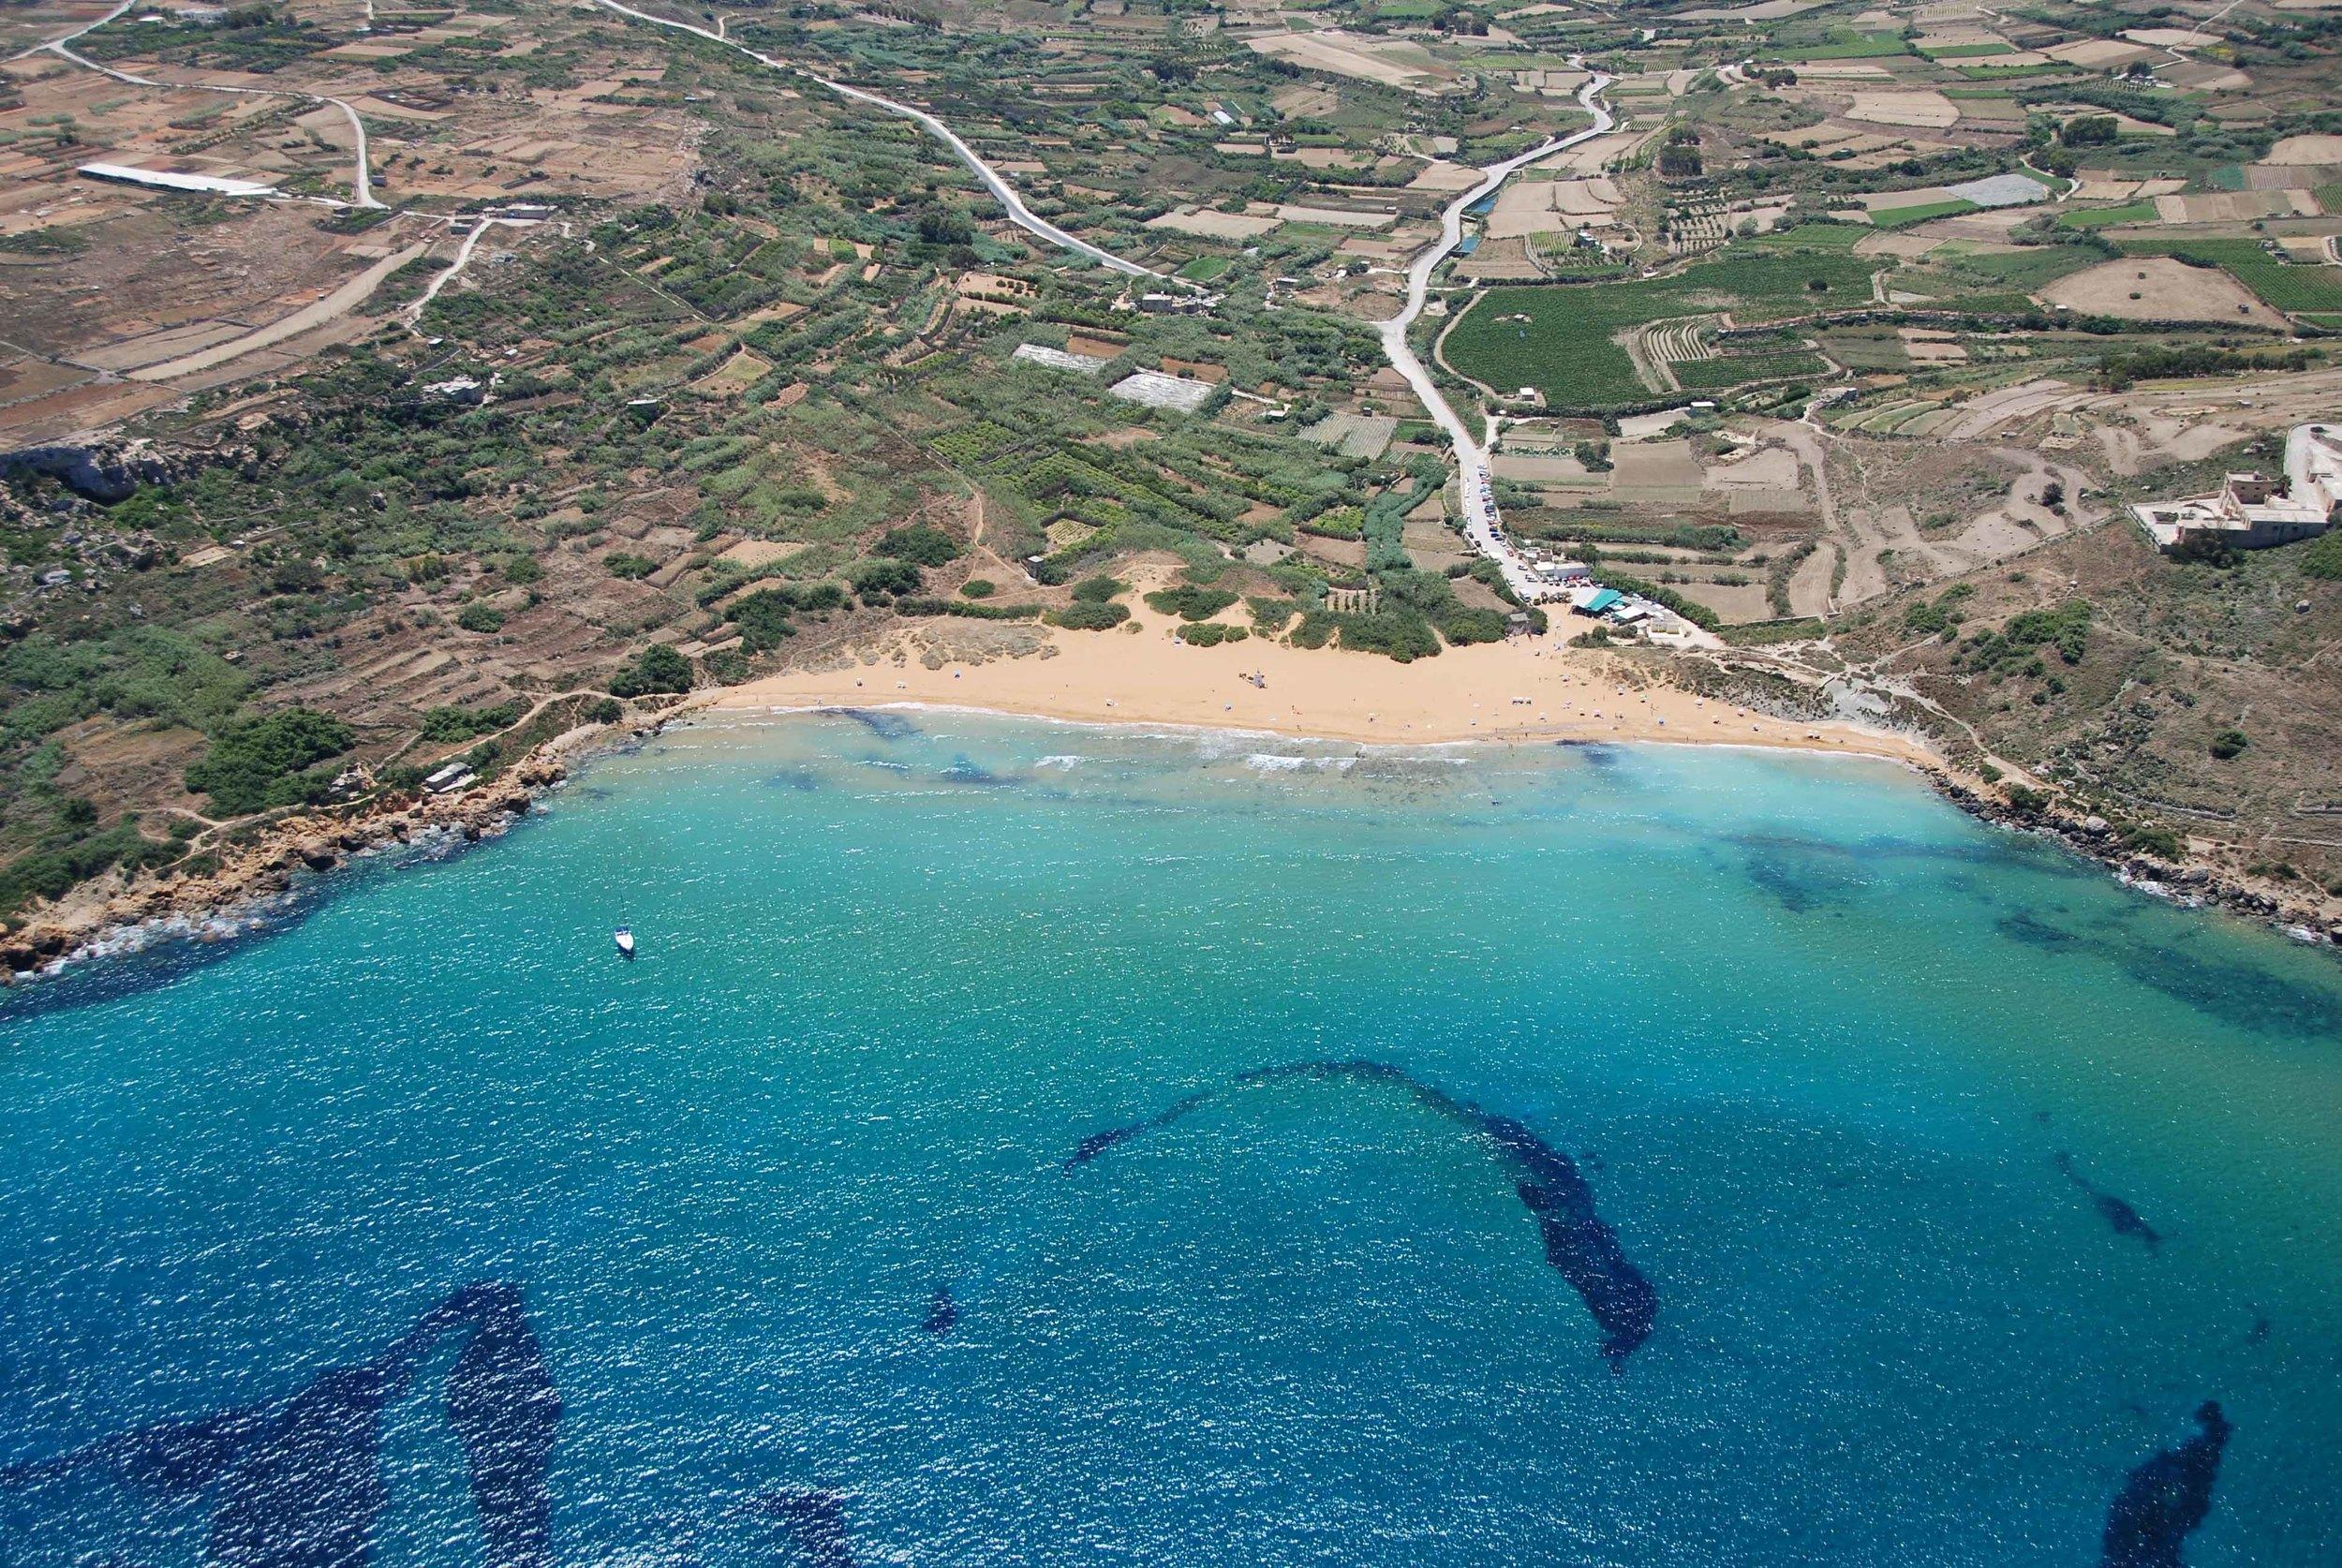 Gozo - Ramla Bay Aerial View by Jurgen Scicluna